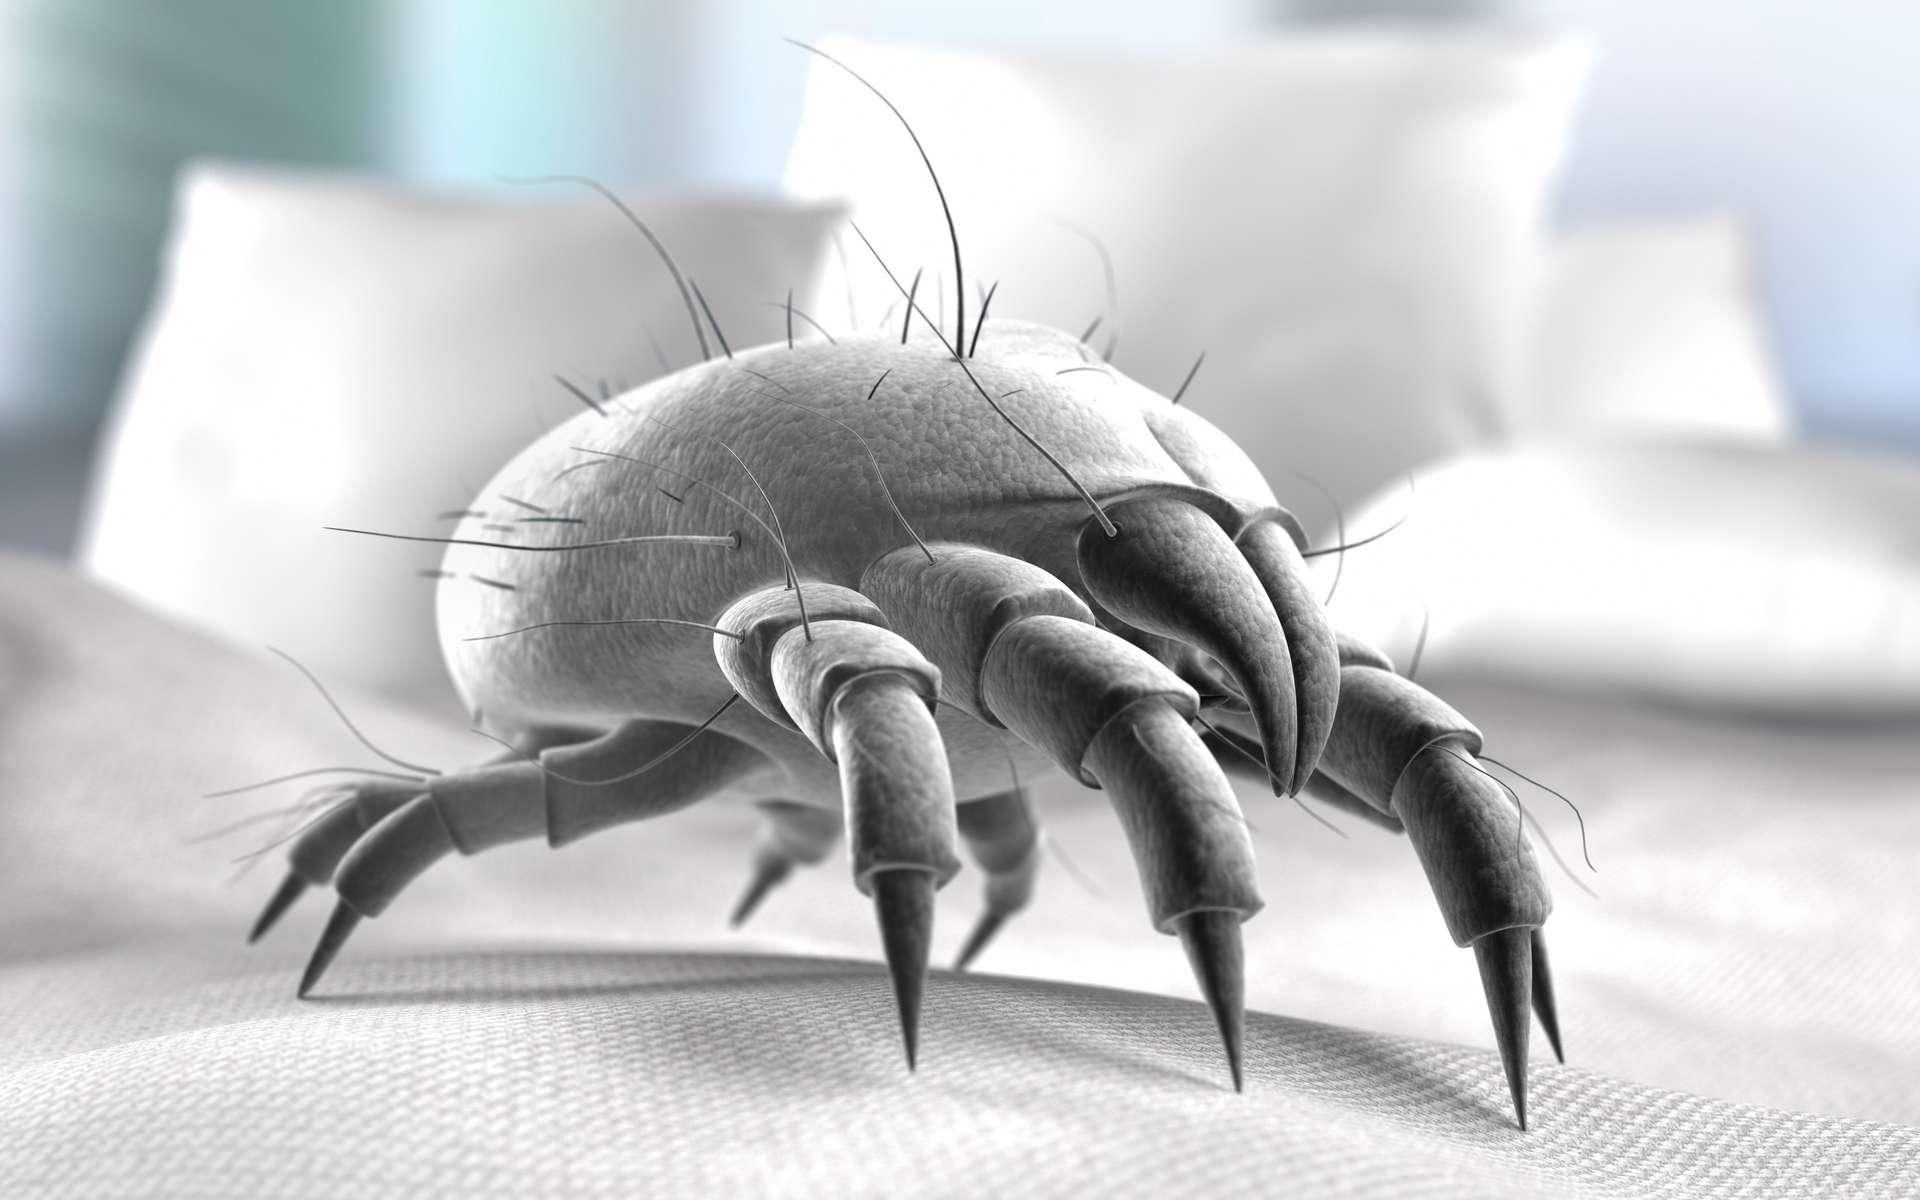 Les acariens vivent dans les endroits chauds et humides de la maison. © Peterschreiber.Media, Adobe Stock